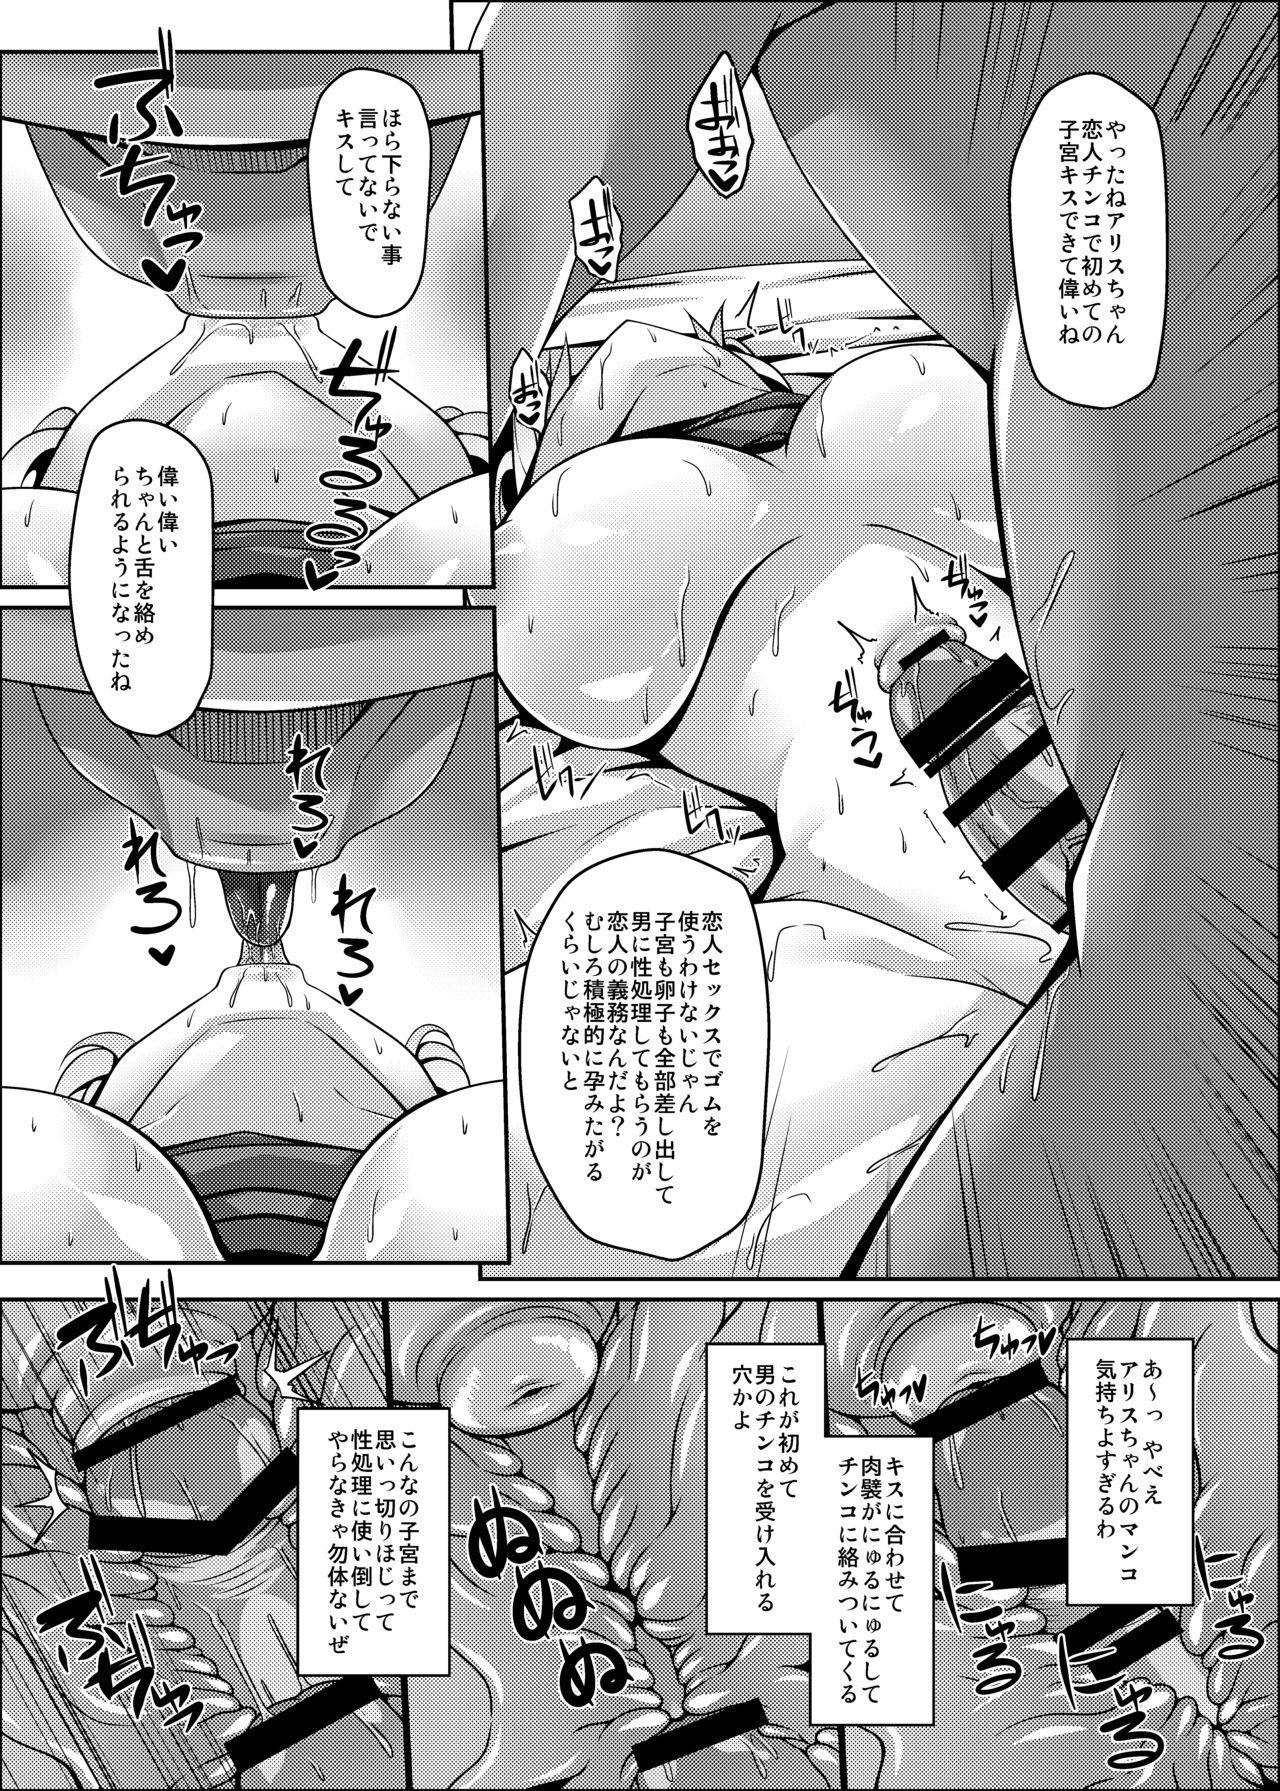 Nagasare Arisu wa Choro Kute Kantan ni Haran jau 9